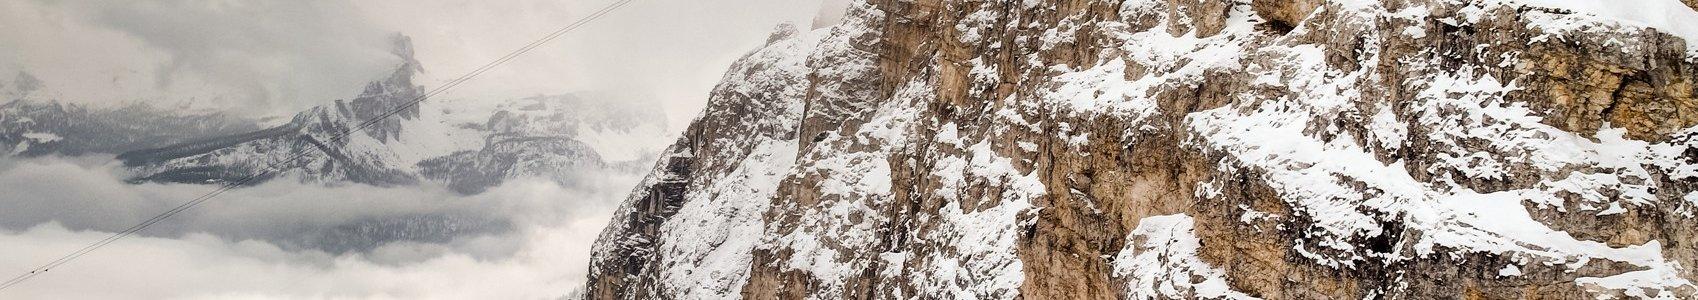 Доломитовые альпы, Италия, 2015